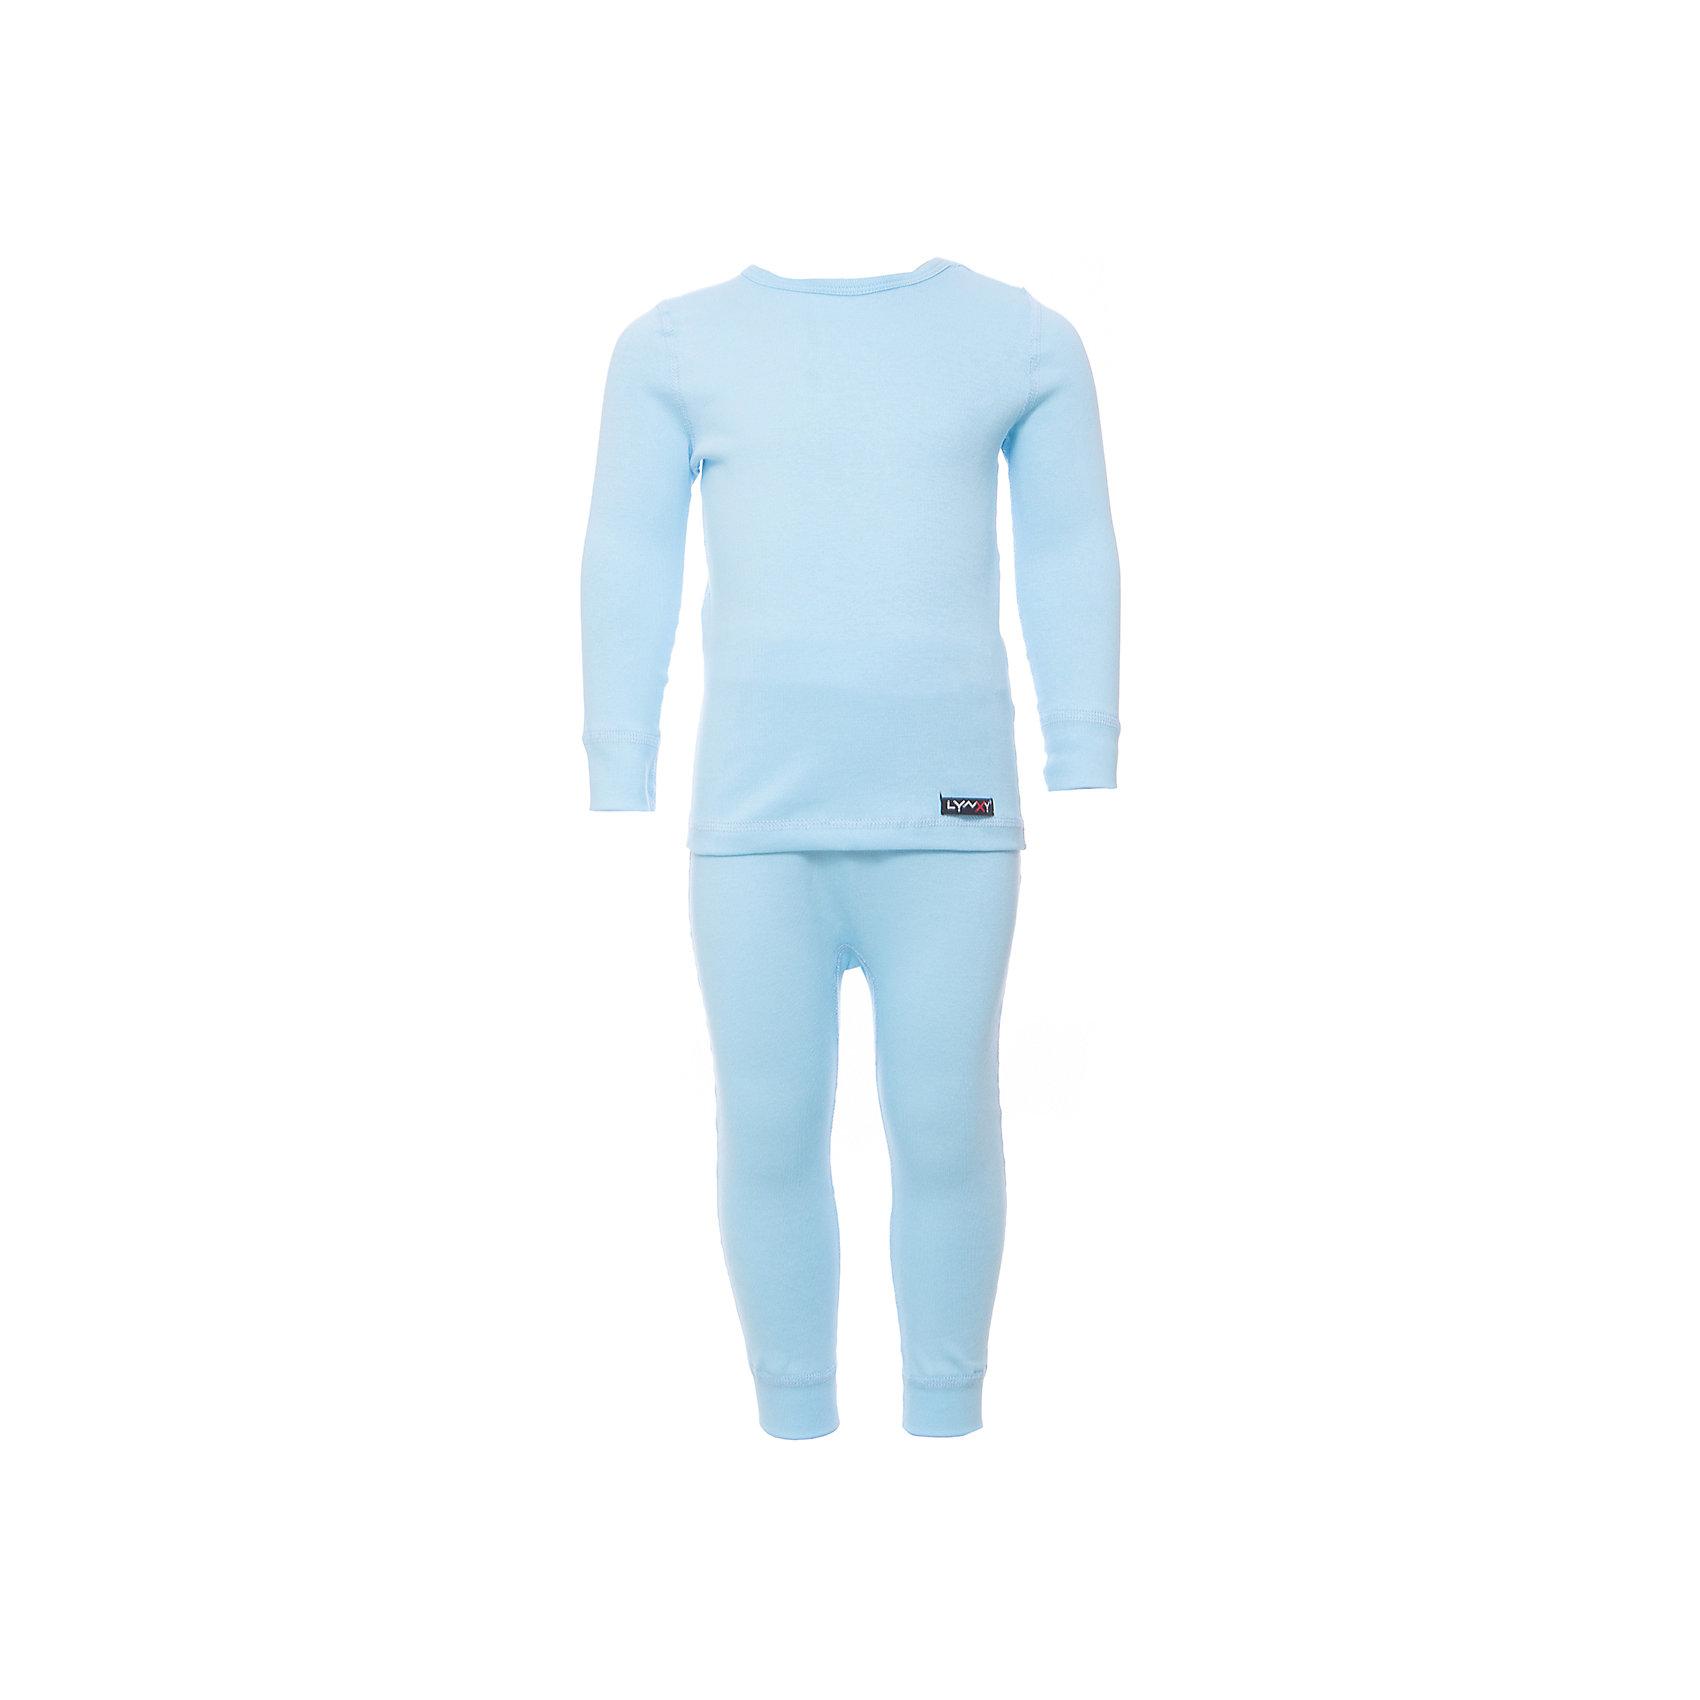 Комплект термобелья LynxyФлис и термобелье<br>Характеристики товара:<br><br>• цвет: голубой<br>• комплектация: лонгслив и рейтузы<br>• состав ткани: 95% полиэстер, 5% вискоза<br>• подкладка: нет<br>• сезон: зима<br>• температурный режим: от -10 до +5<br>• пояс: резинка<br>• длинные рукава<br>• страна бренда: Россия<br>• страна изготовитель: Россия<br><br>Легкое термобелье можно надевать как нижний слой в морозы. Качественный материал комплекта термобелья для детей позволяет коже дышать и впитывает лишнюю влагу. Розовый детский комплект термобелья состоит из лонгслива и рейтуз. <br><br>Комплект термобелья Lynxy (Линкси) можно купить в нашем интернет-магазине.<br><br>Ширина мм: 219<br>Глубина мм: 11<br>Высота мм: 262<br>Вес г: 314<br>Цвет: голубой<br>Возраст от месяцев: 18<br>Возраст до месяцев: 24<br>Пол: Унисекс<br>Возраст: Детский<br>Размер: 92,74,80,86<br>SKU: 7079999